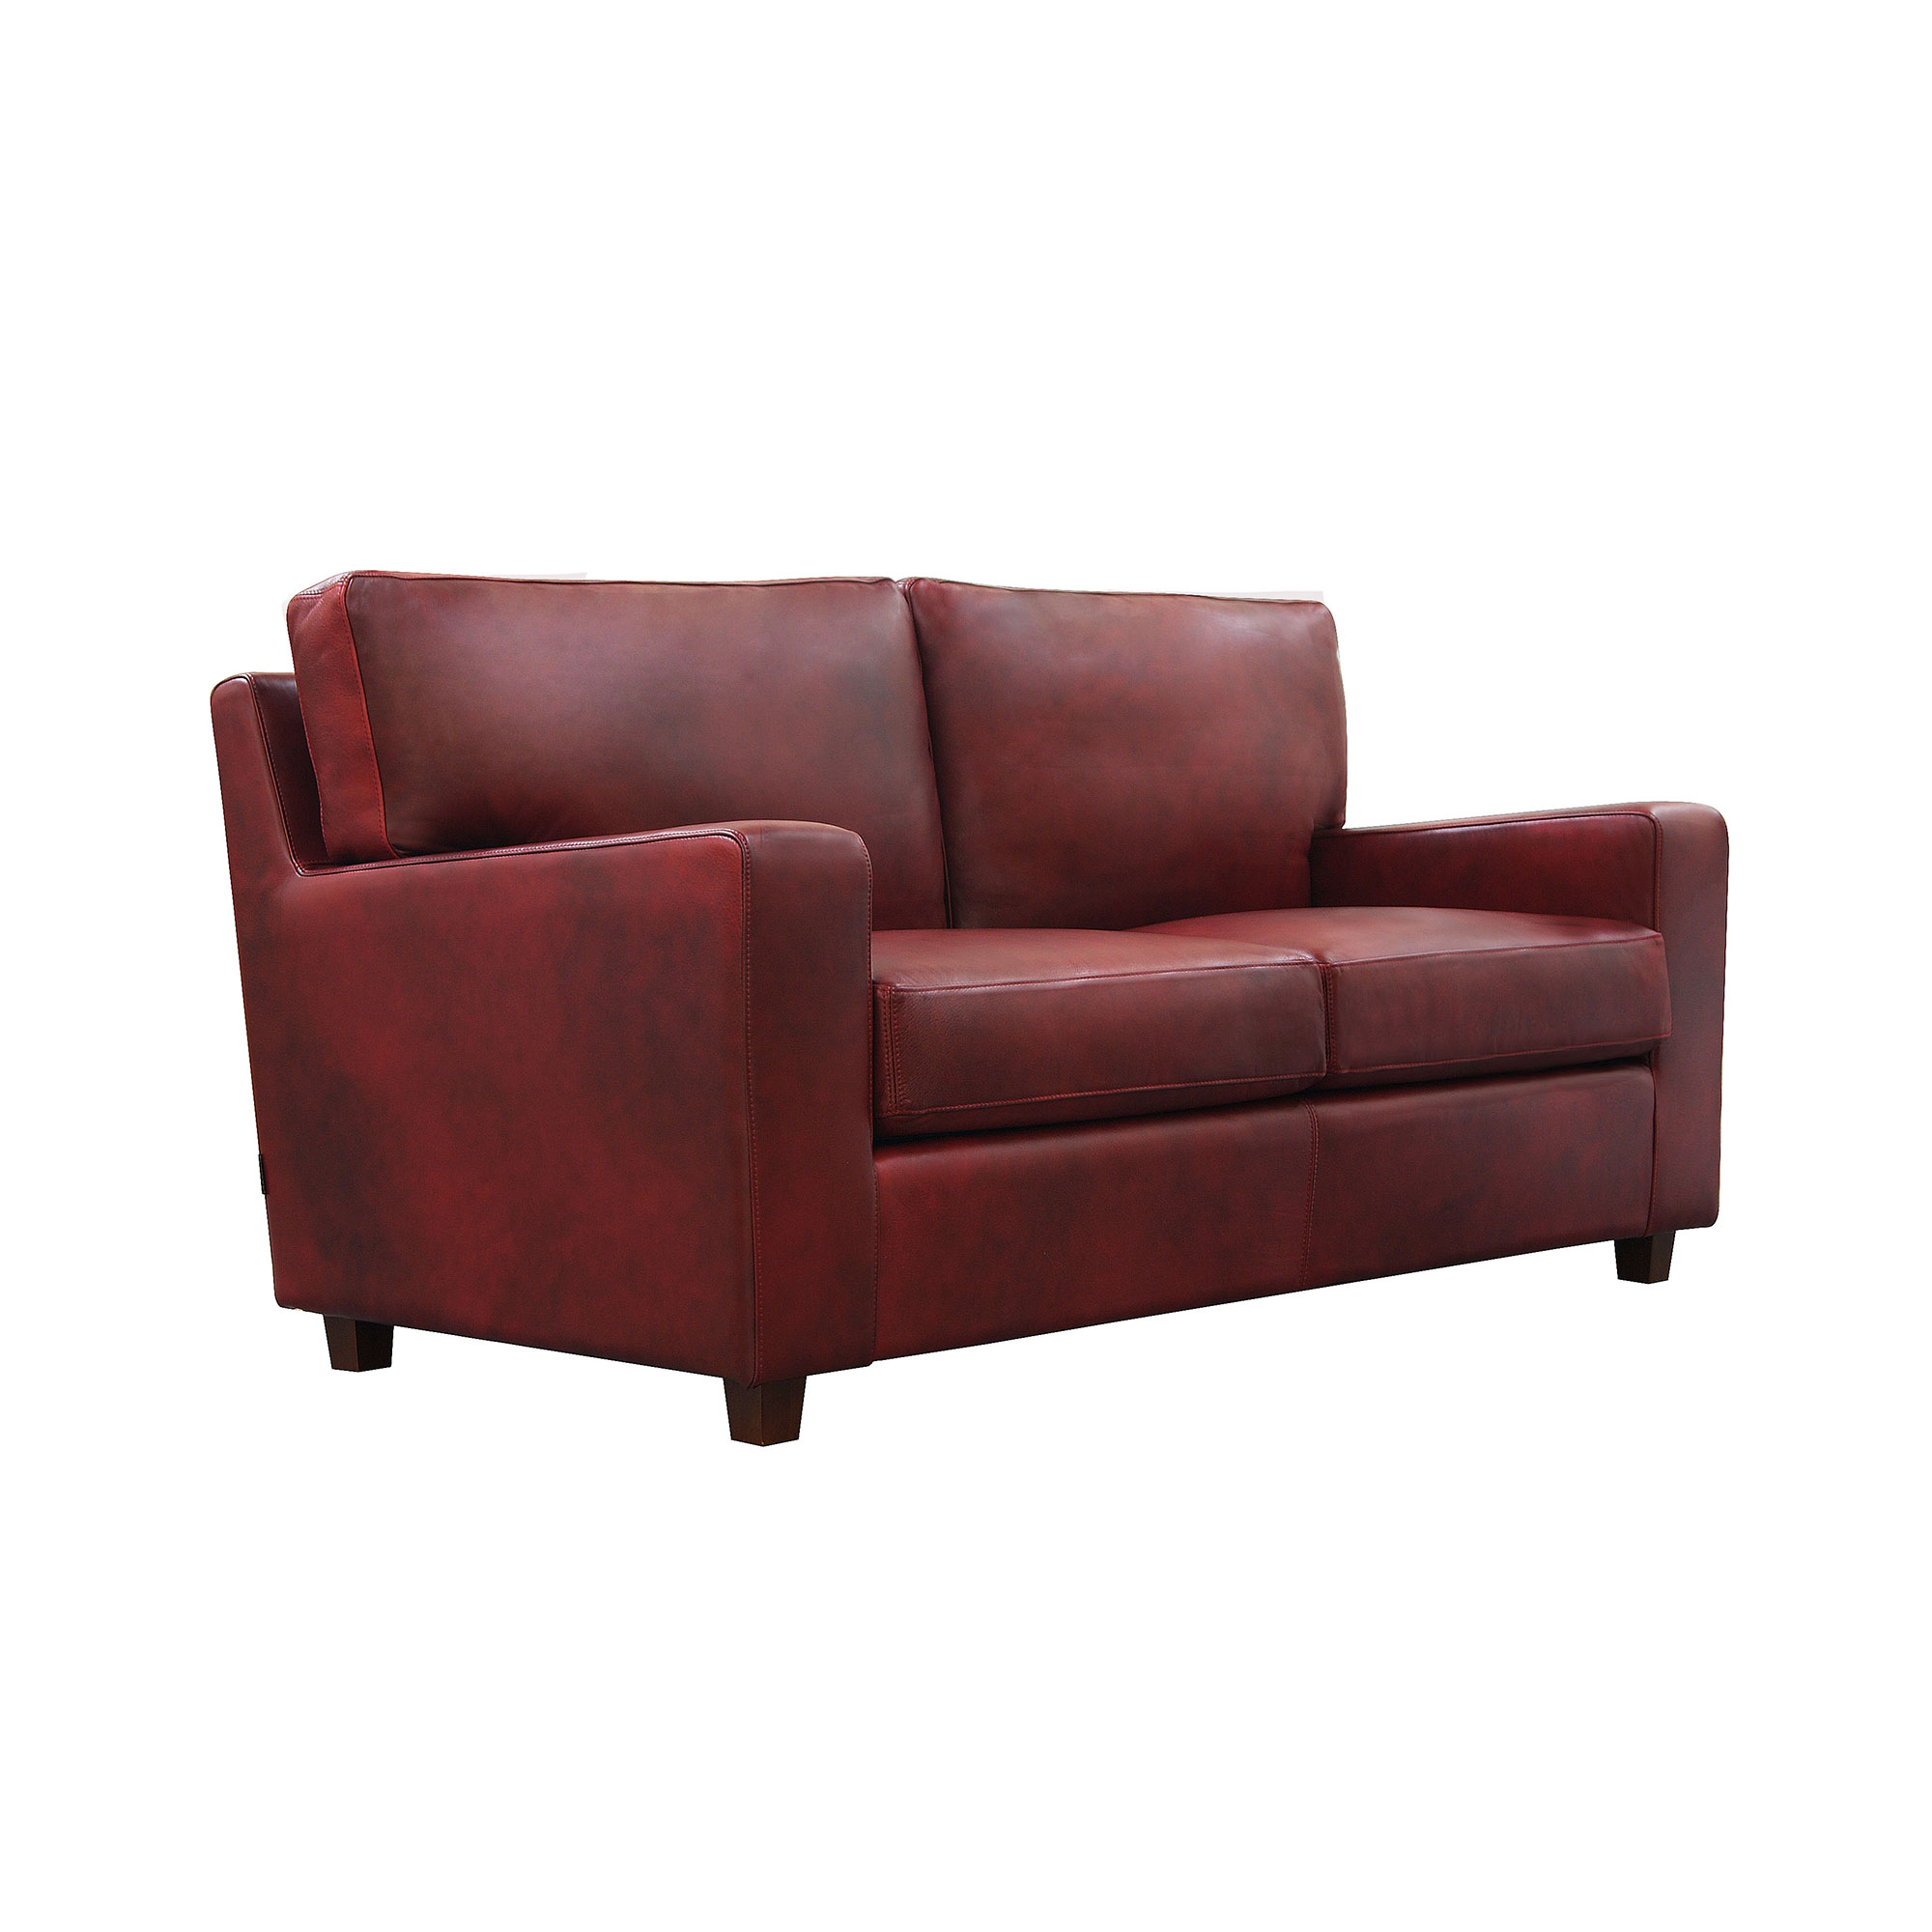 Moran Furniture